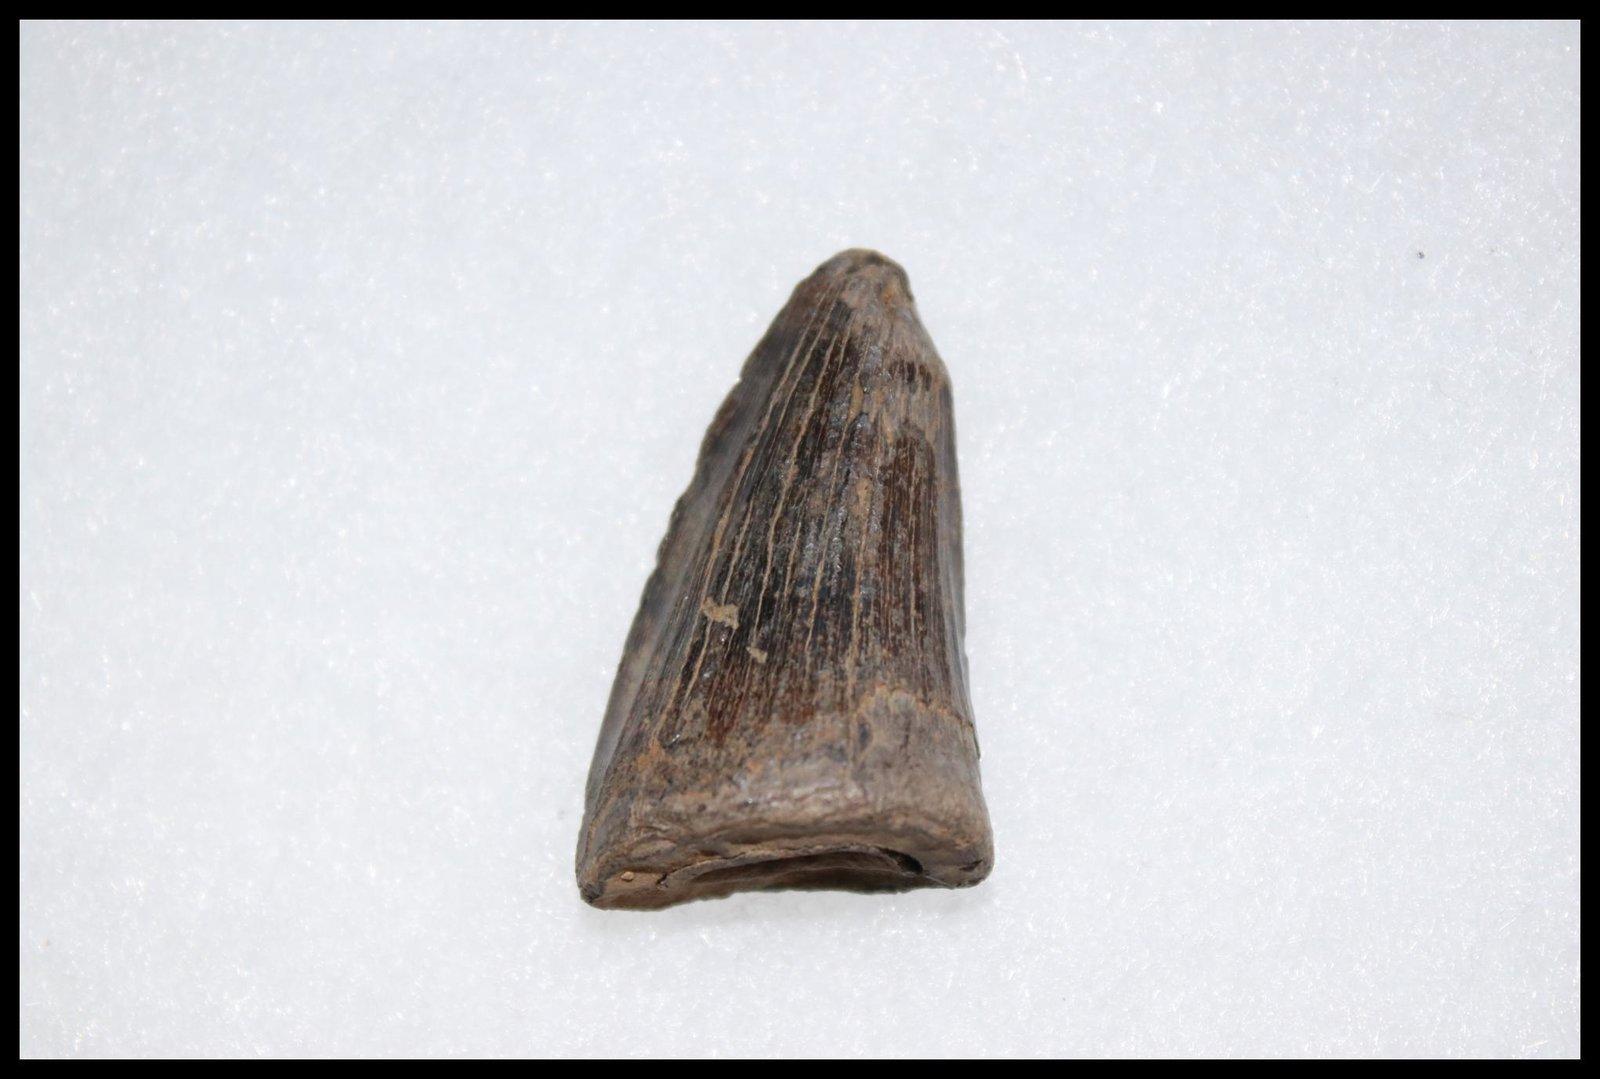 Tooth (Squamata)